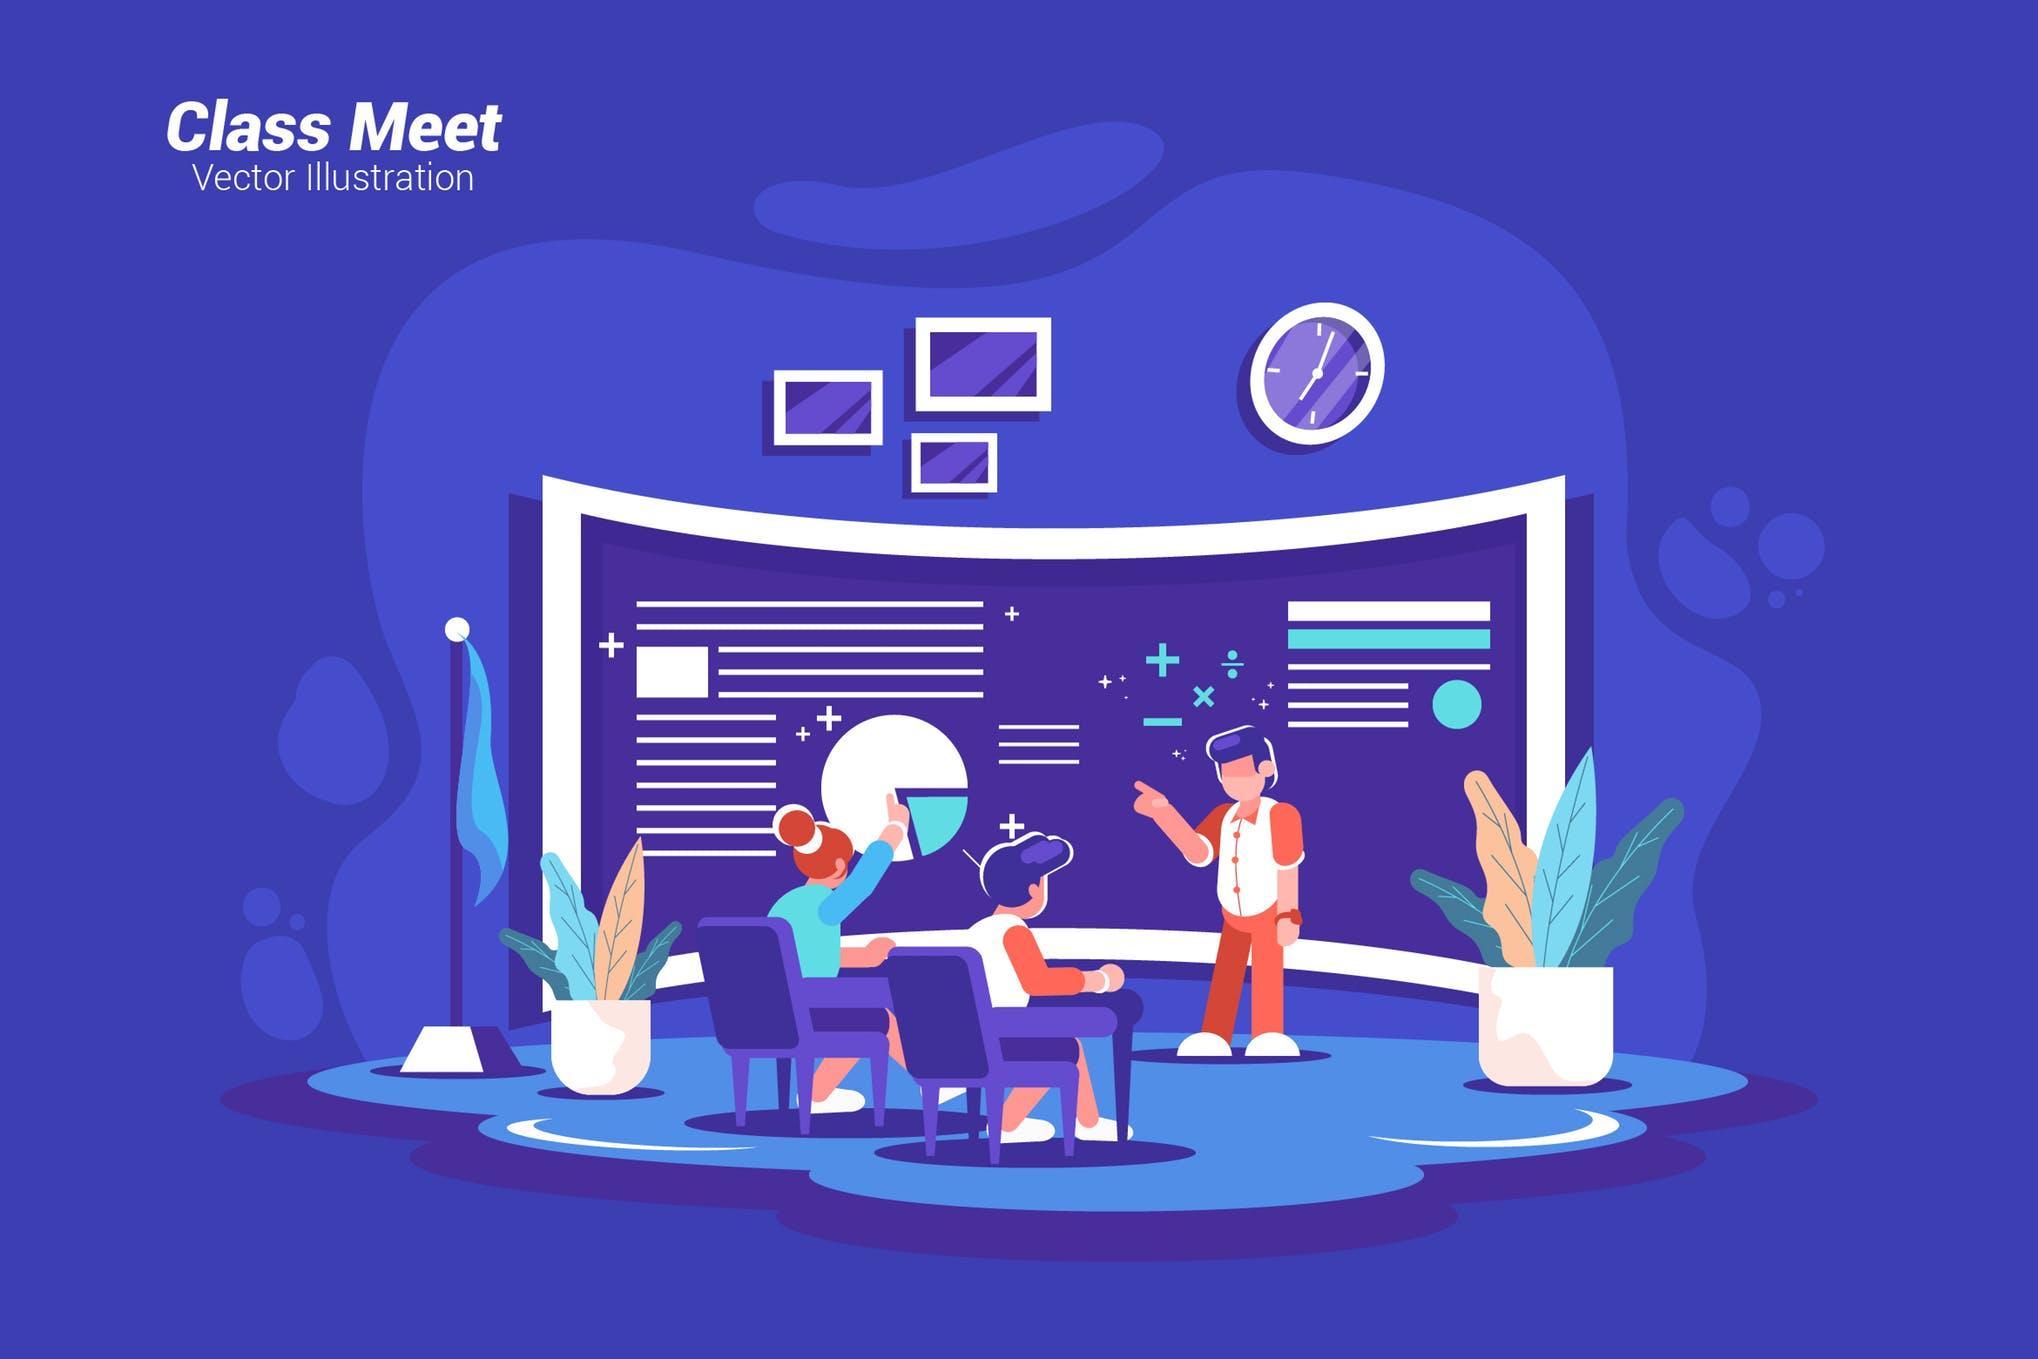 班级见面场景插画素材下载Class Meet - Vector Illustration